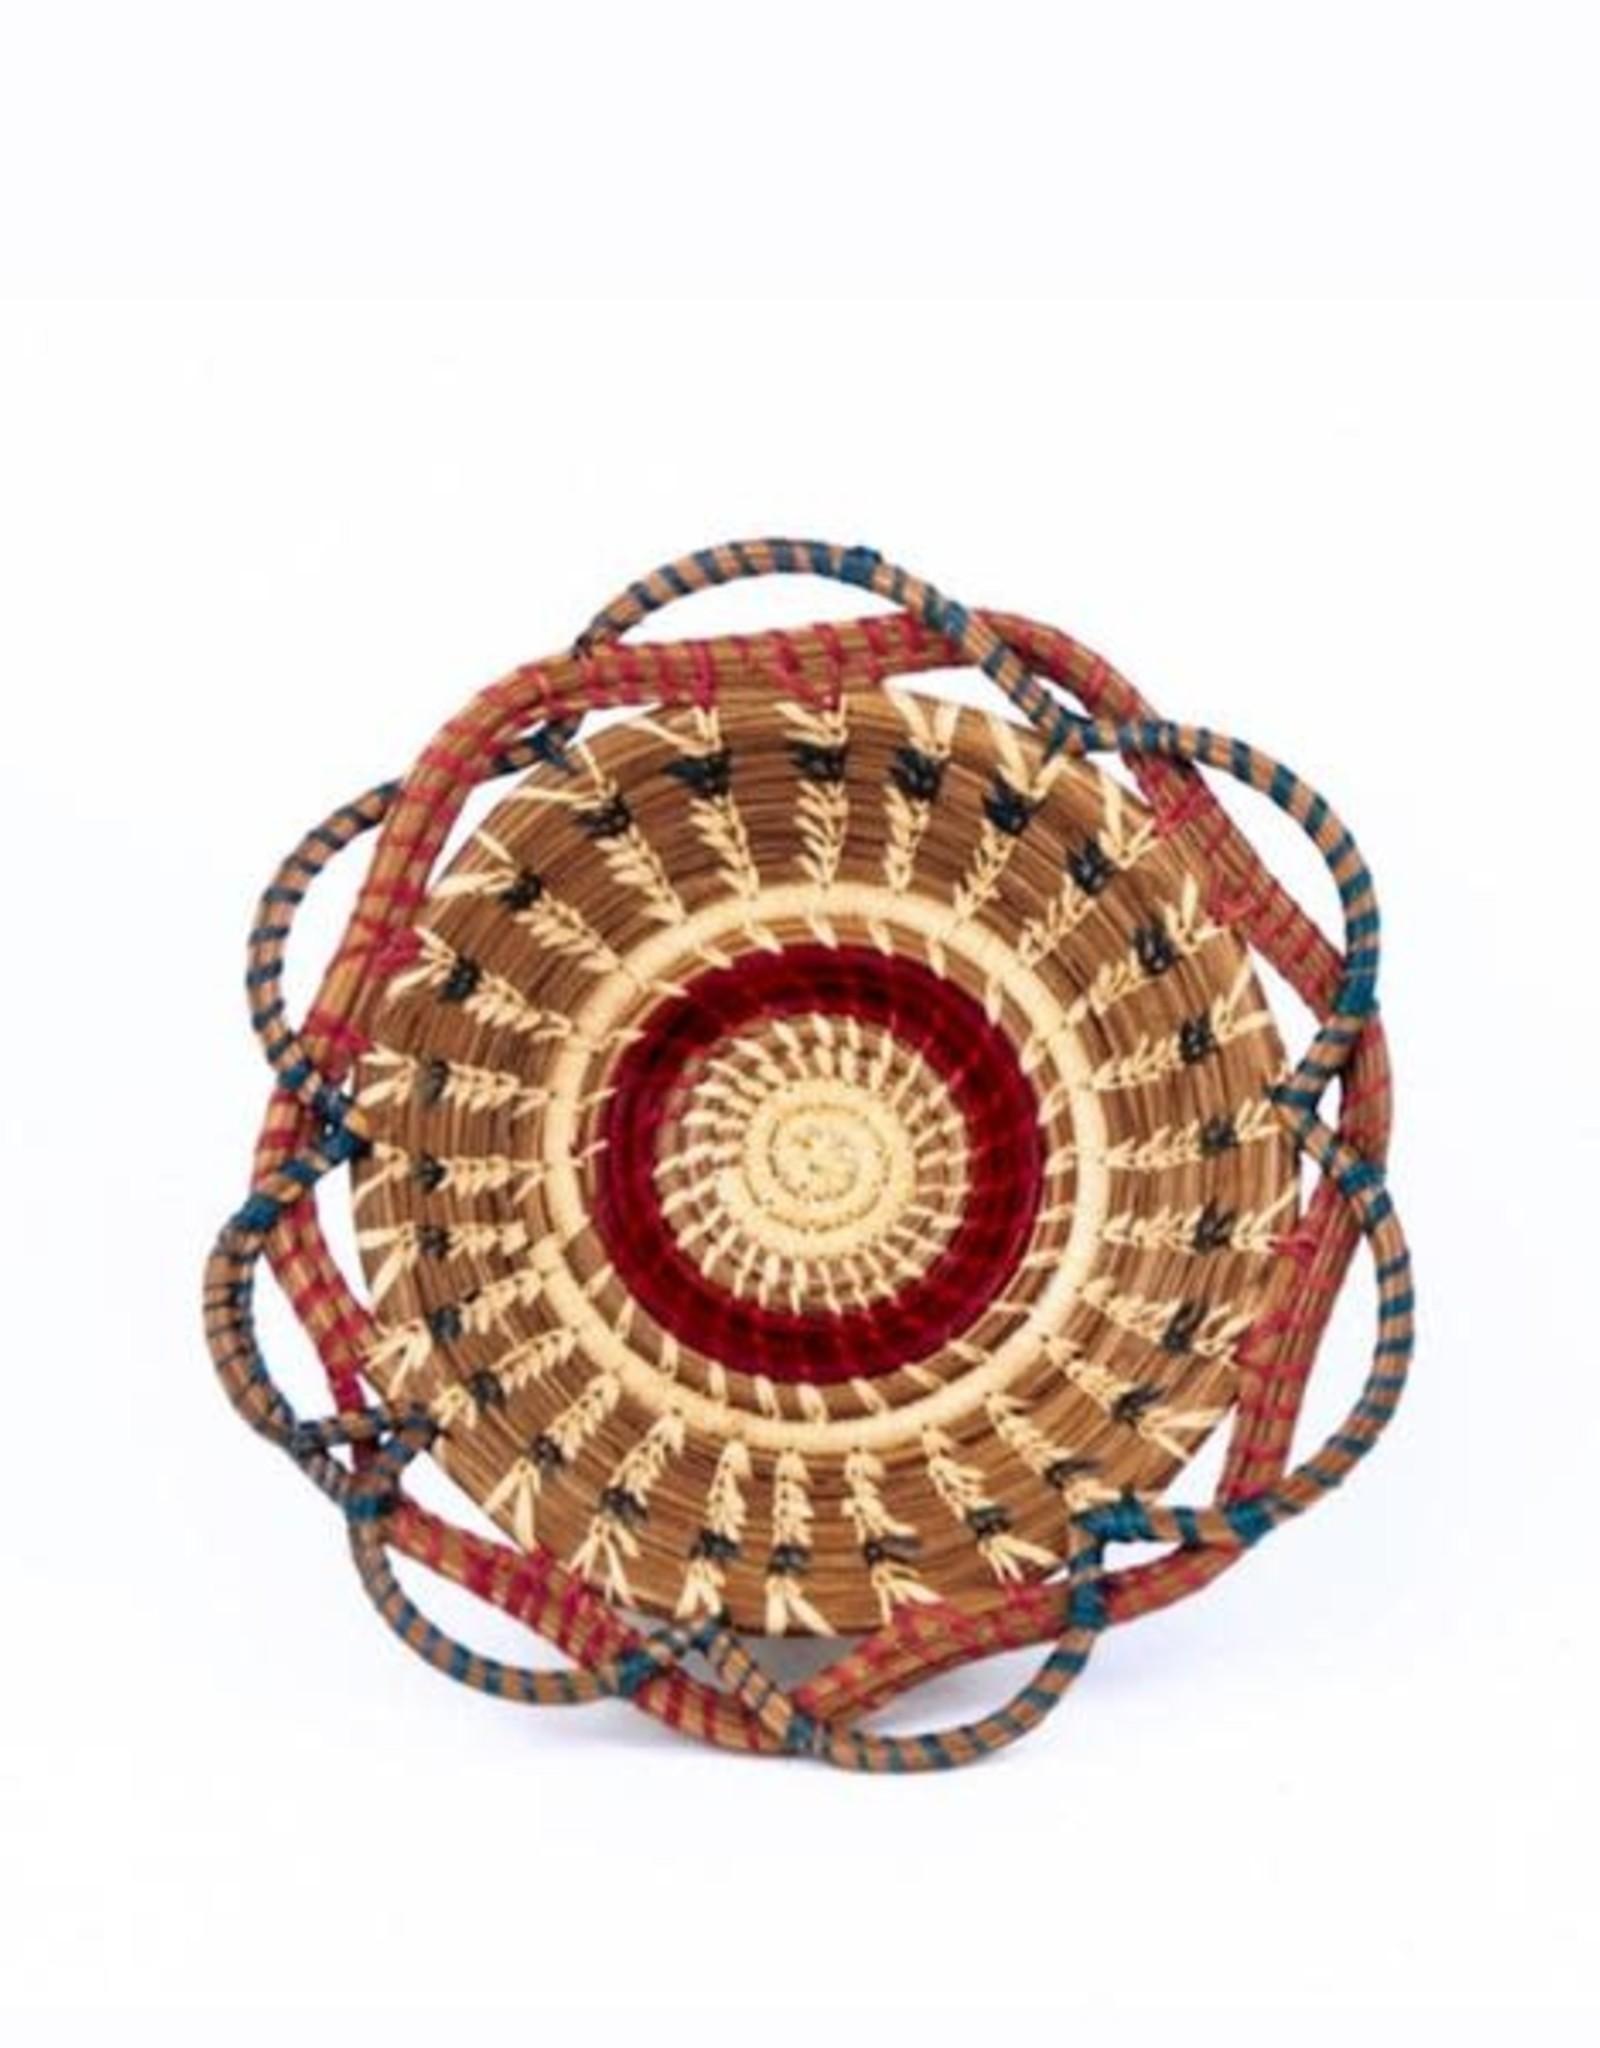 Small Noelia Basket, Guatemala